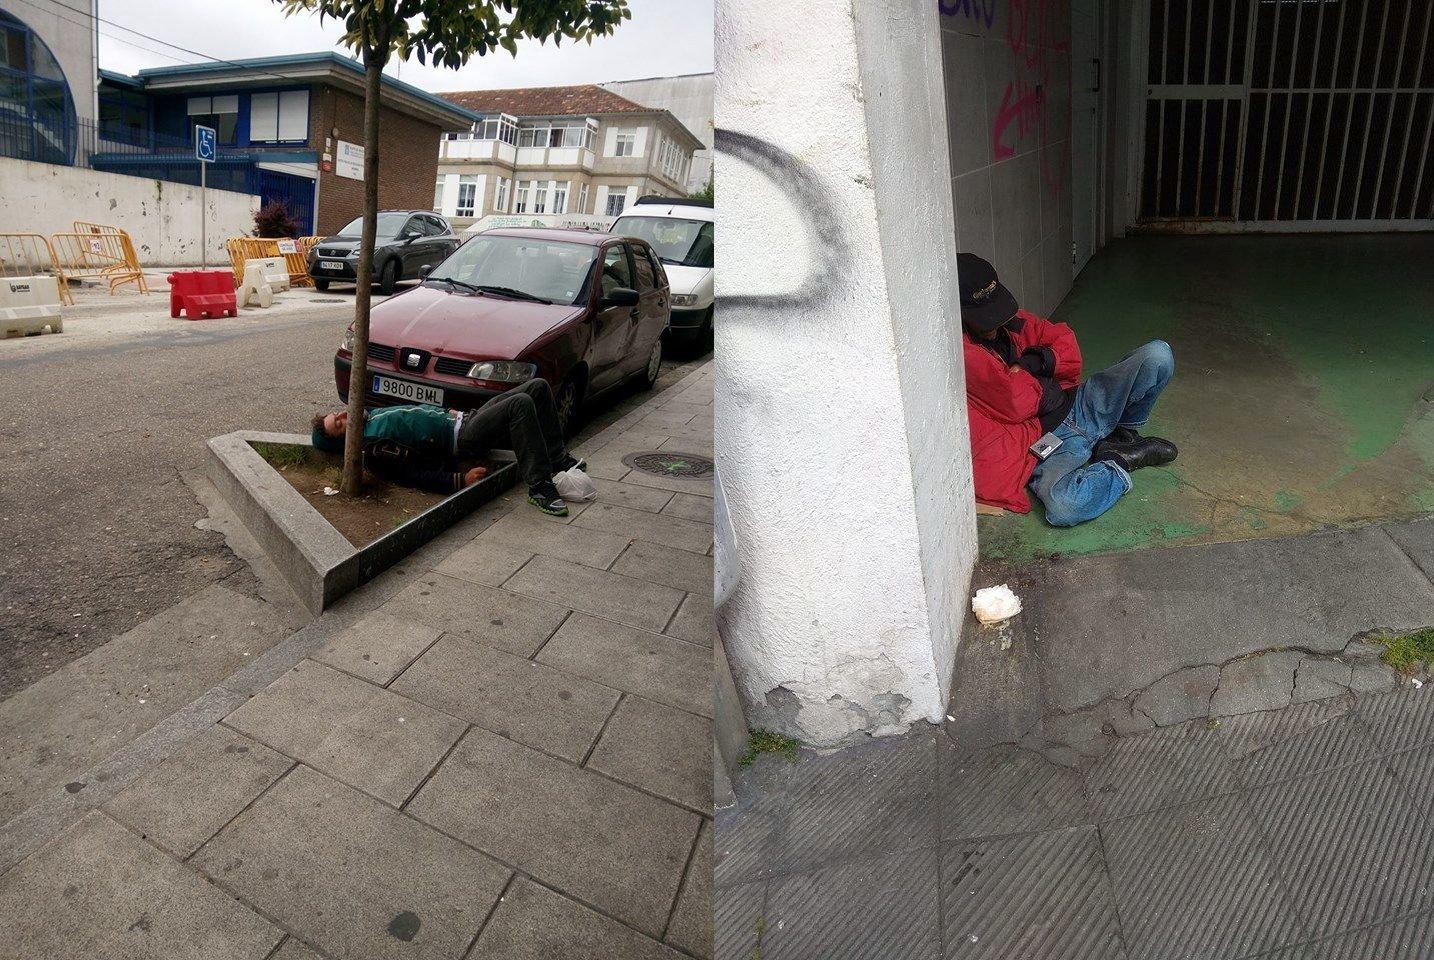 Imágenes tomadas por los vecinos de personas durmiendo en la calle, uno frente al albergue